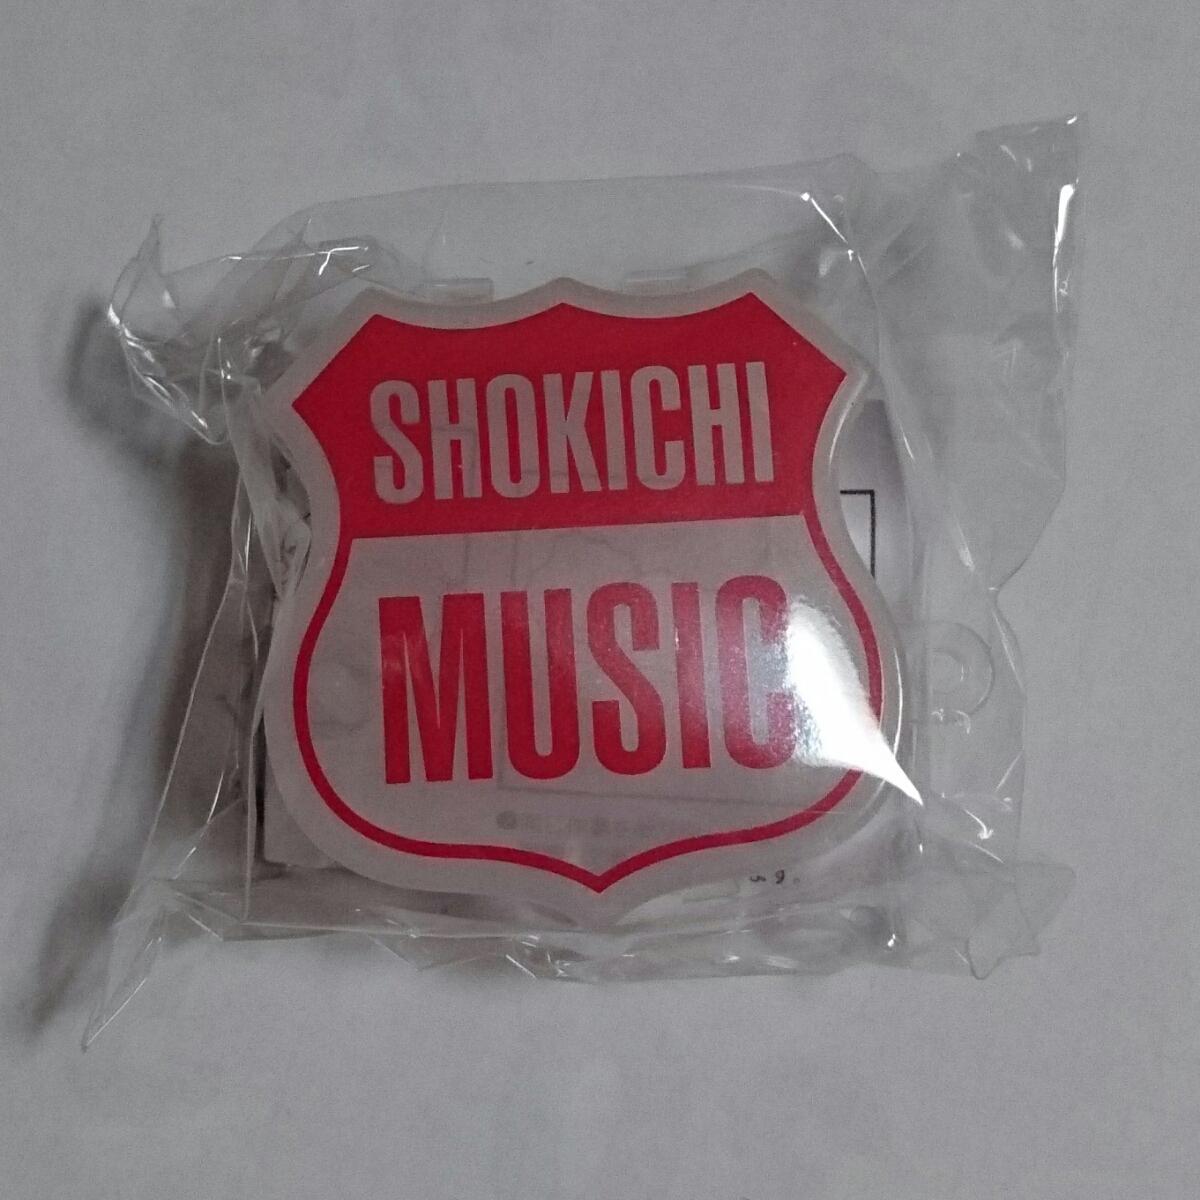 ルート66 ガチャ SHOKICHI ピルケース EXILE THE second